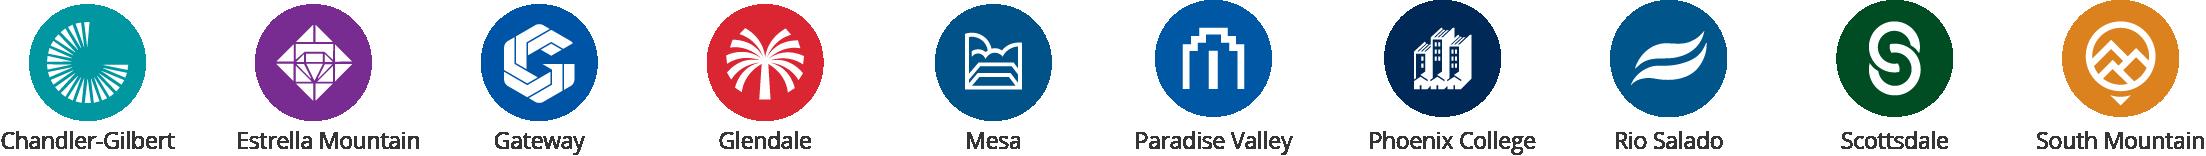 10 Colleges Logo